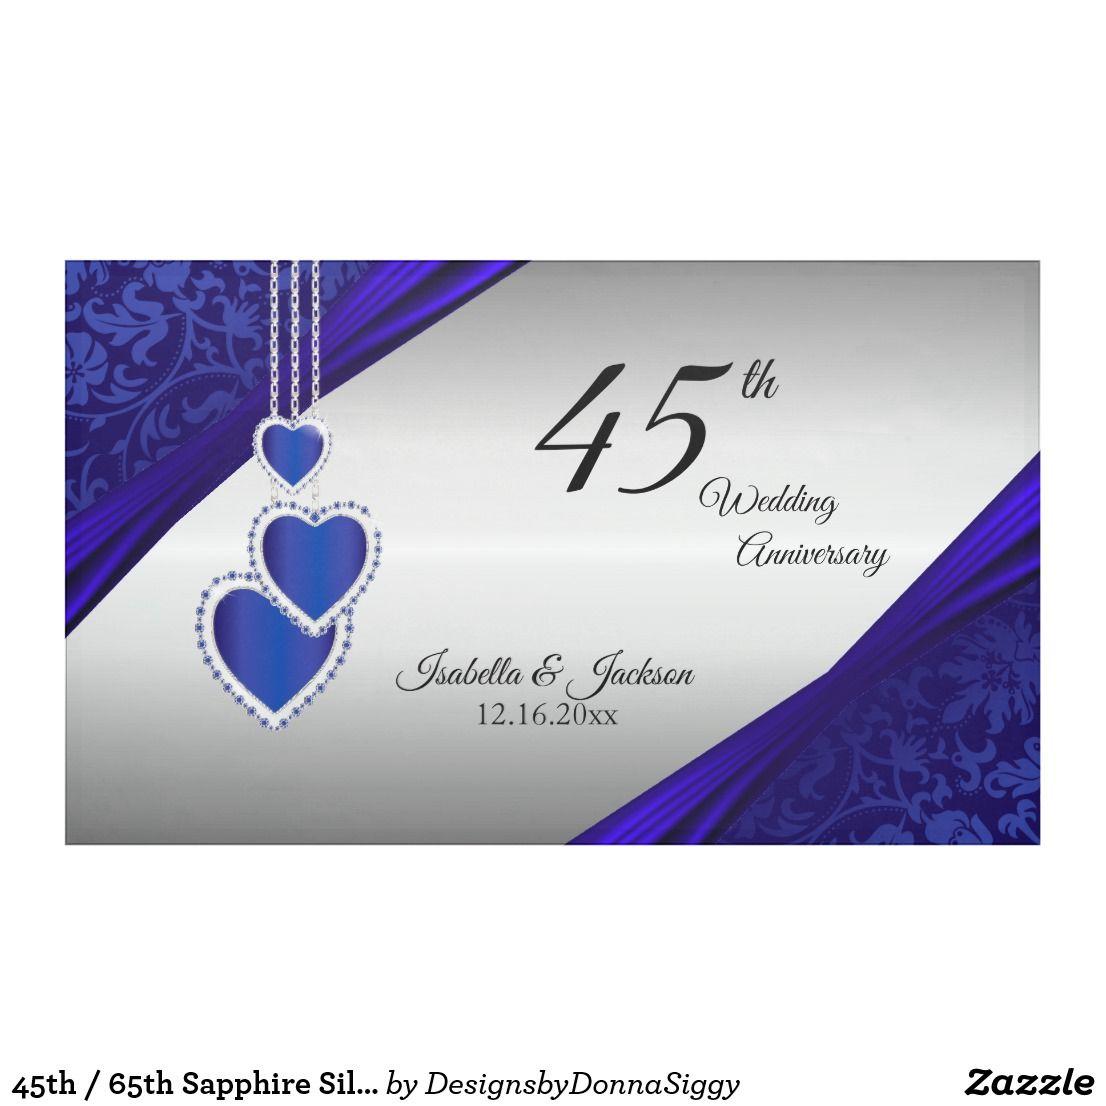 f8988f2e6 45th / 65th Sapphire Silver Anniversary Design Banner | Zazzle.com ...